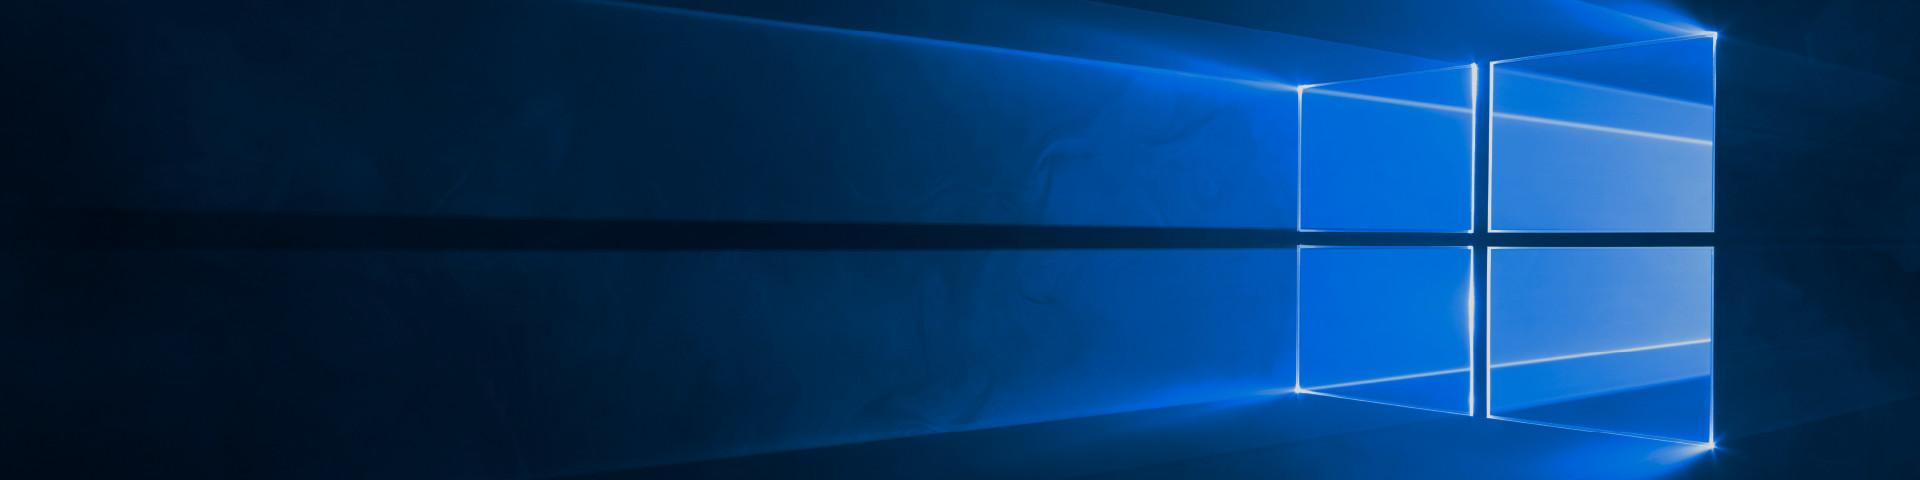 Luz que brilha através de uma janela, compre e faça o download do Windows 10